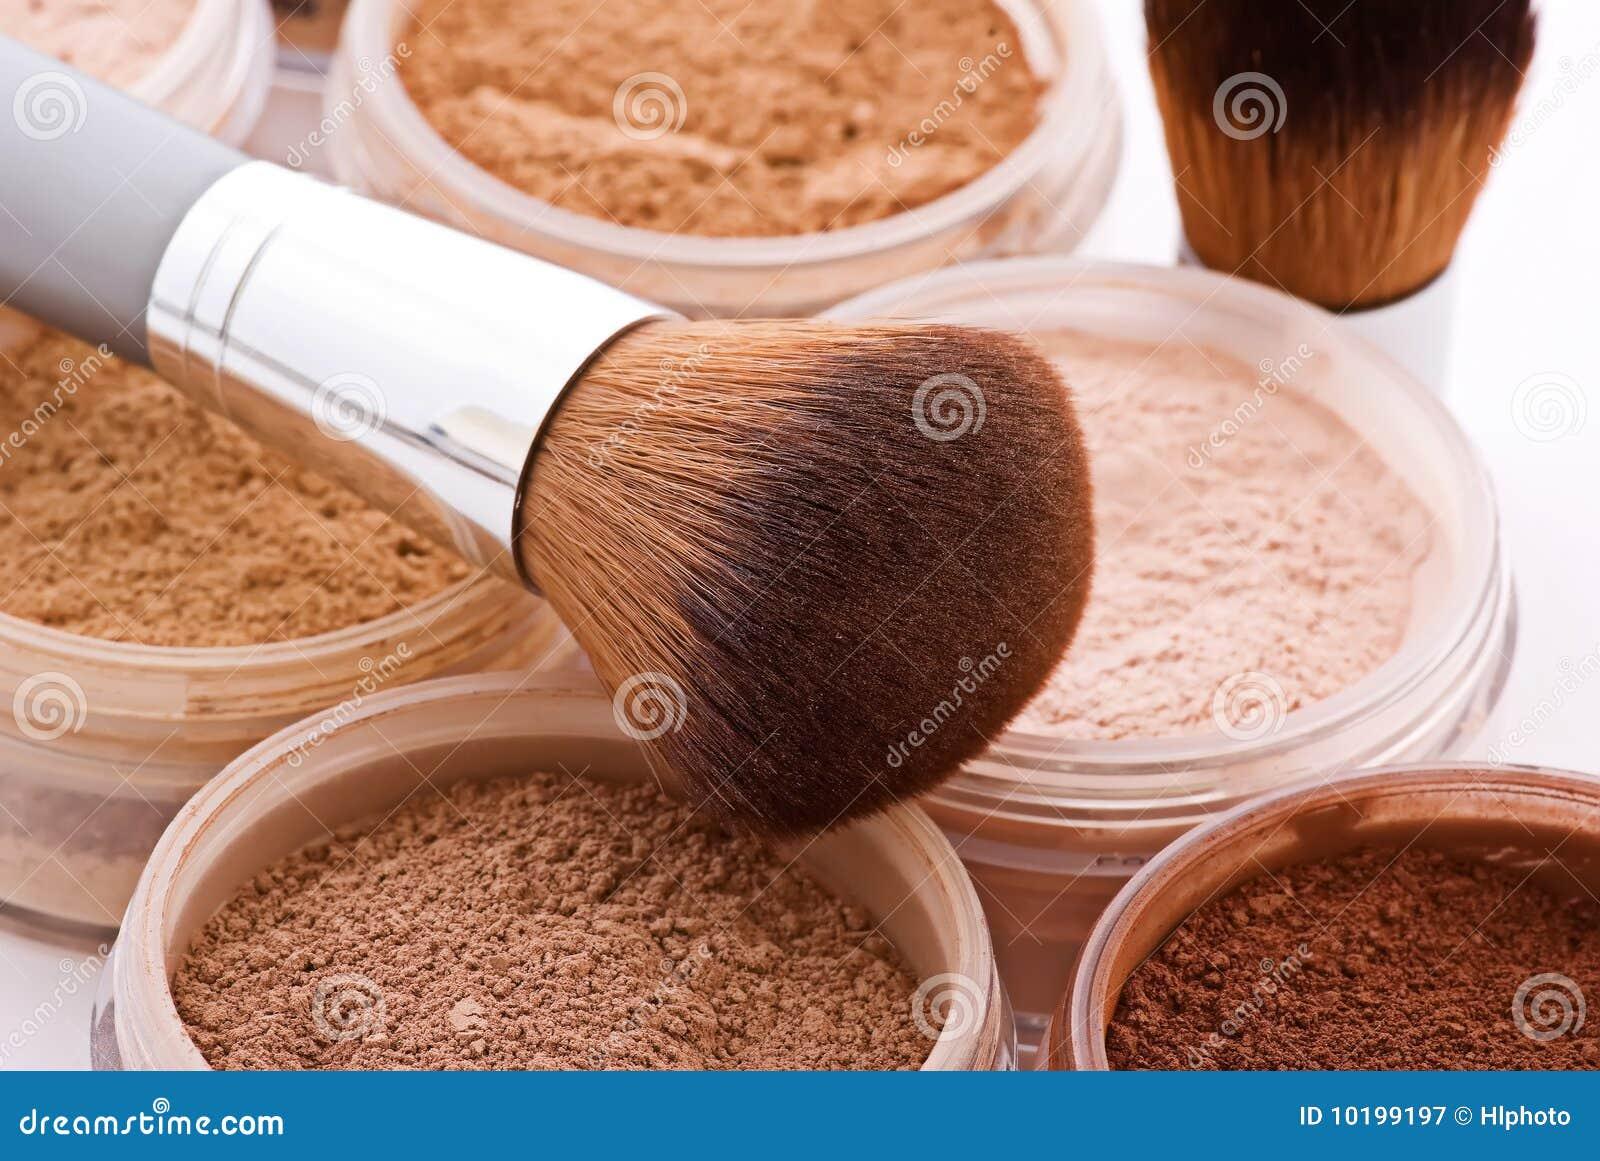 Makeupprodukter